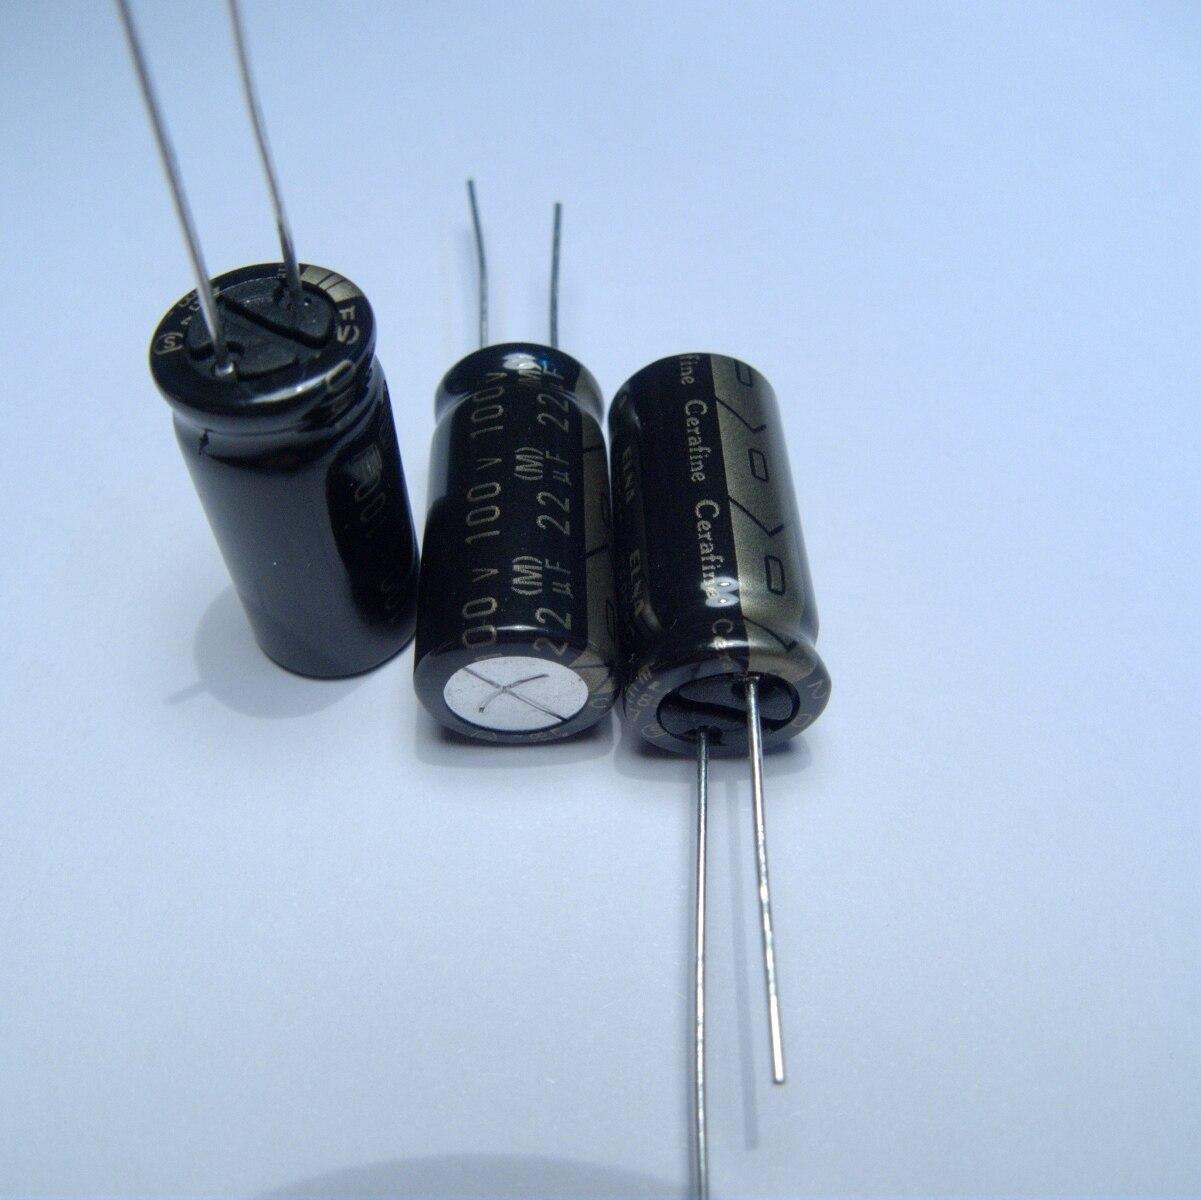 10pcs/20pcs New ELNA Cerafine audio capacitor 100v22uf copper audio super capacitor electrolytic capacitors free shipping 5pcs 10pcs elna silmcii 16v2200uf 18 40 copper capacitor audio super capacitor electrolytic capacitors free shipping